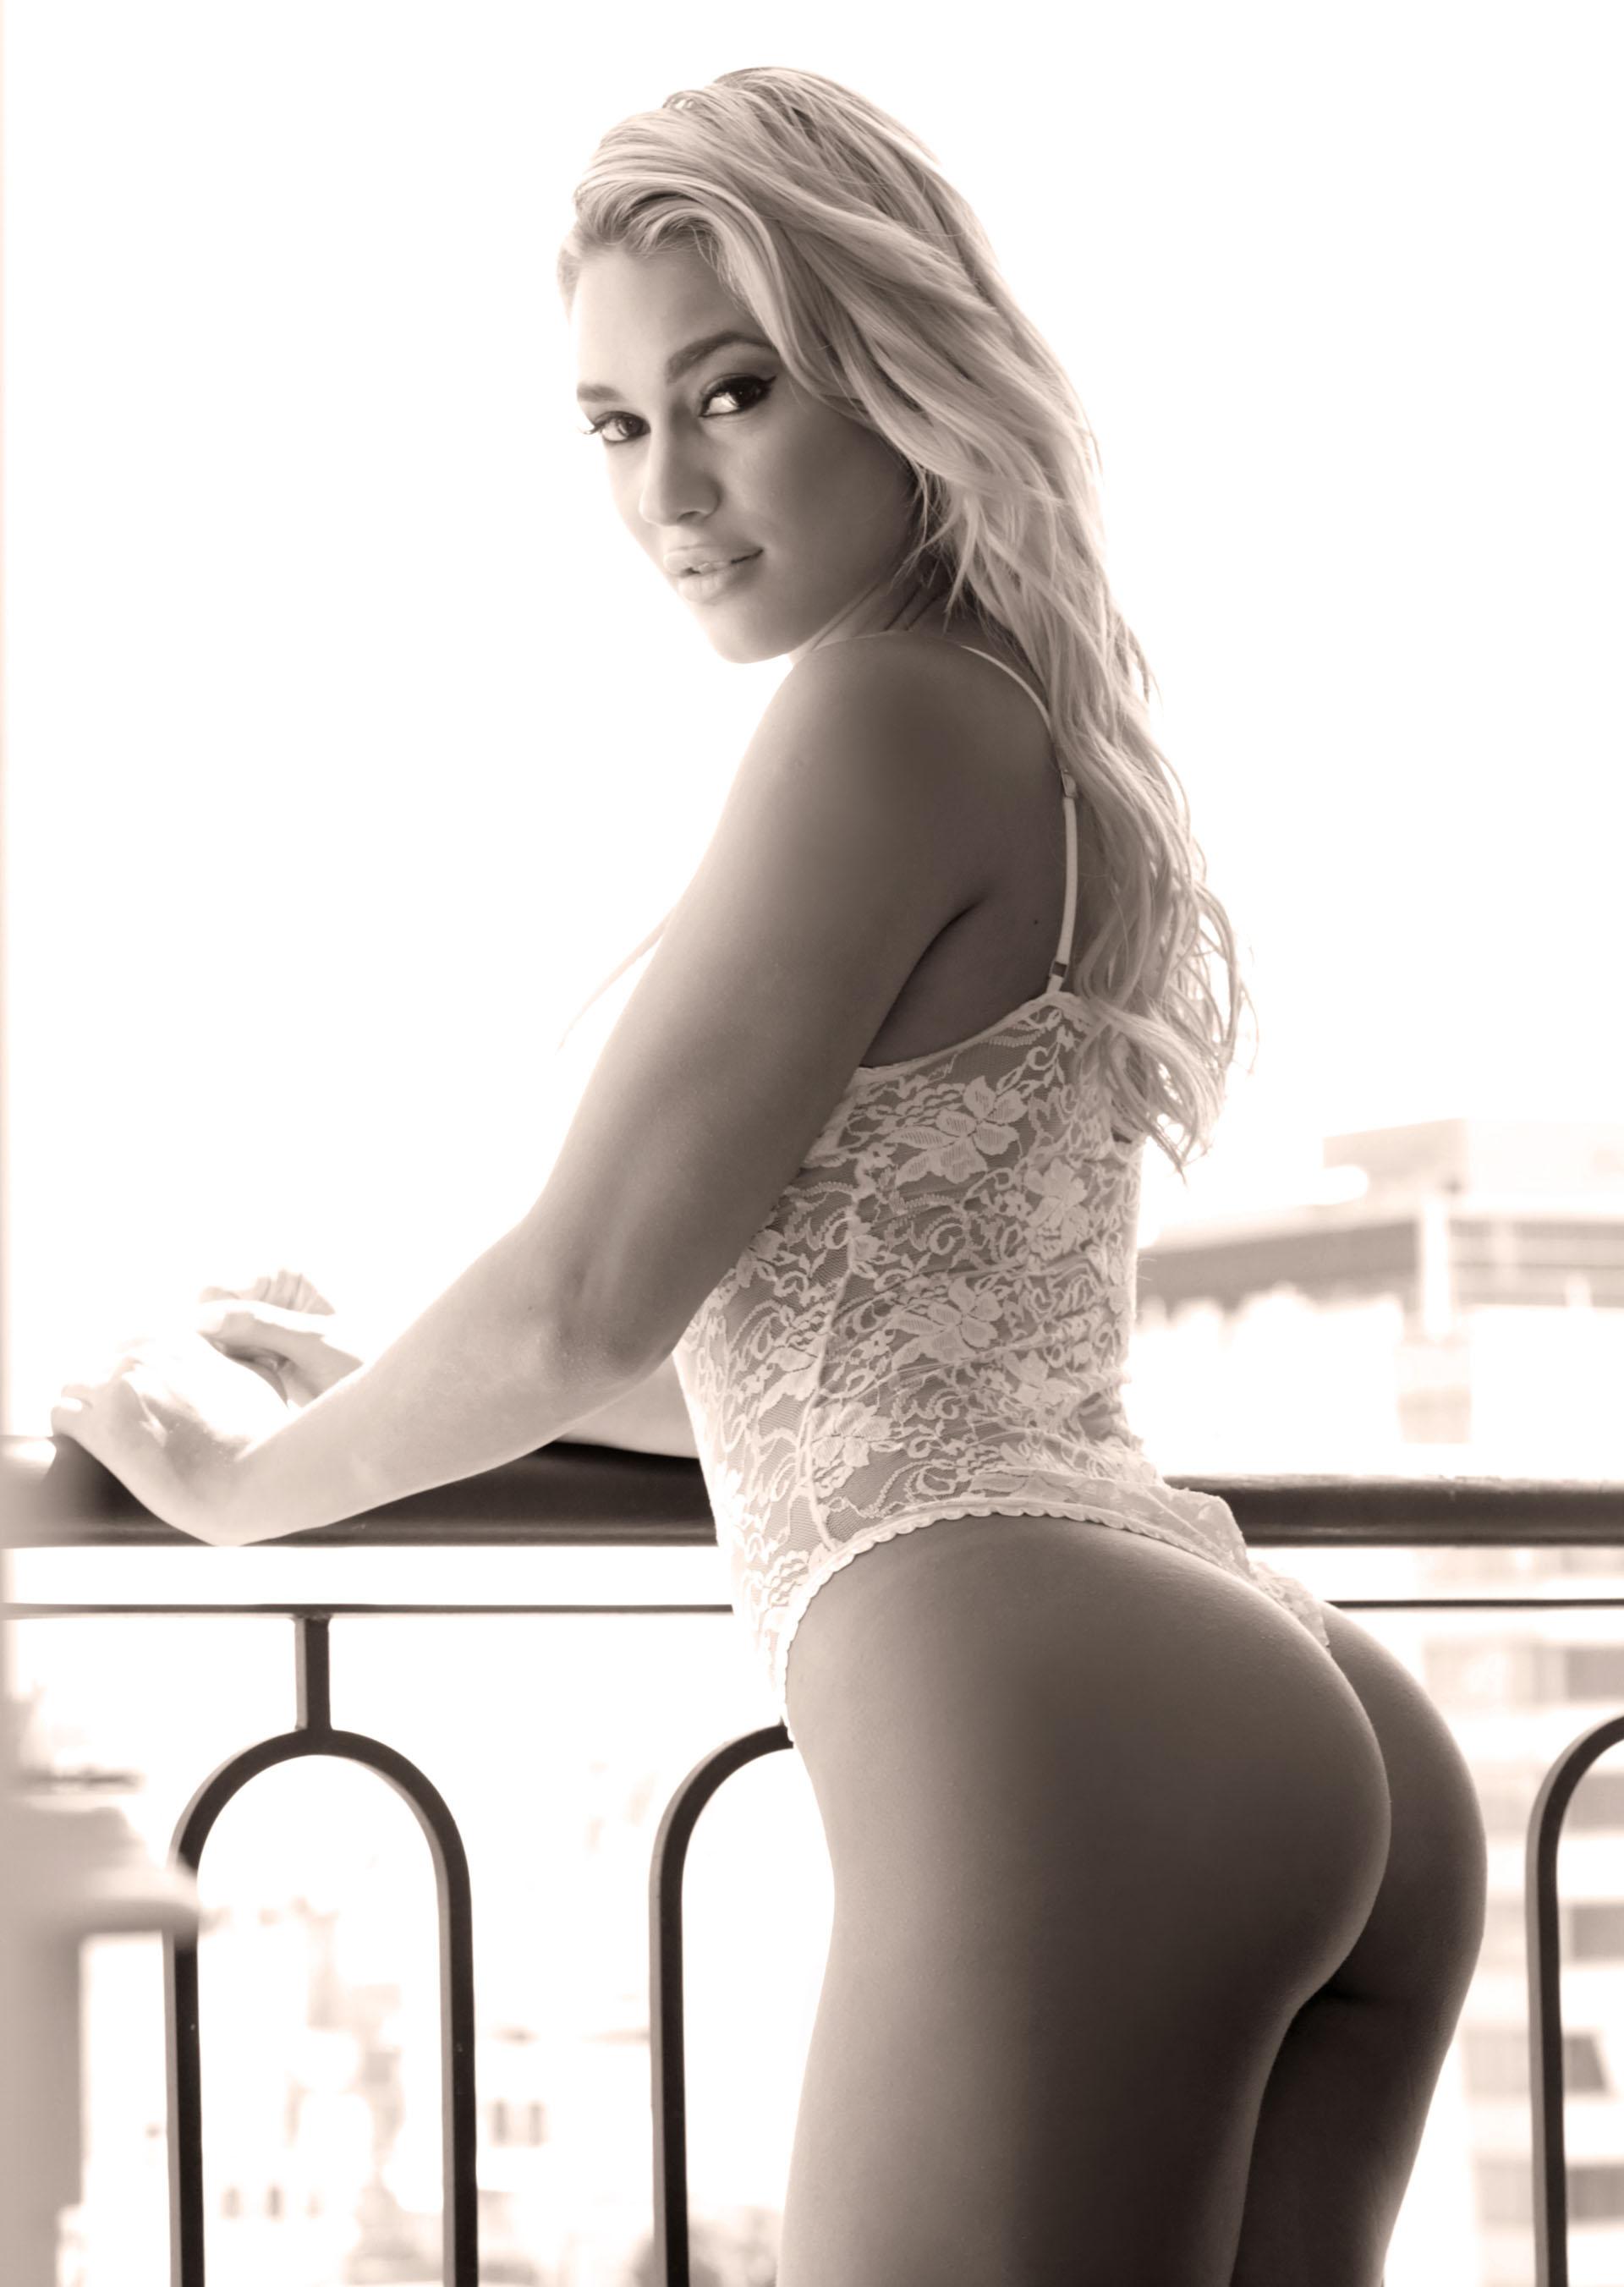 Bailando muy sensual con un corta falda frente a la web cam 4